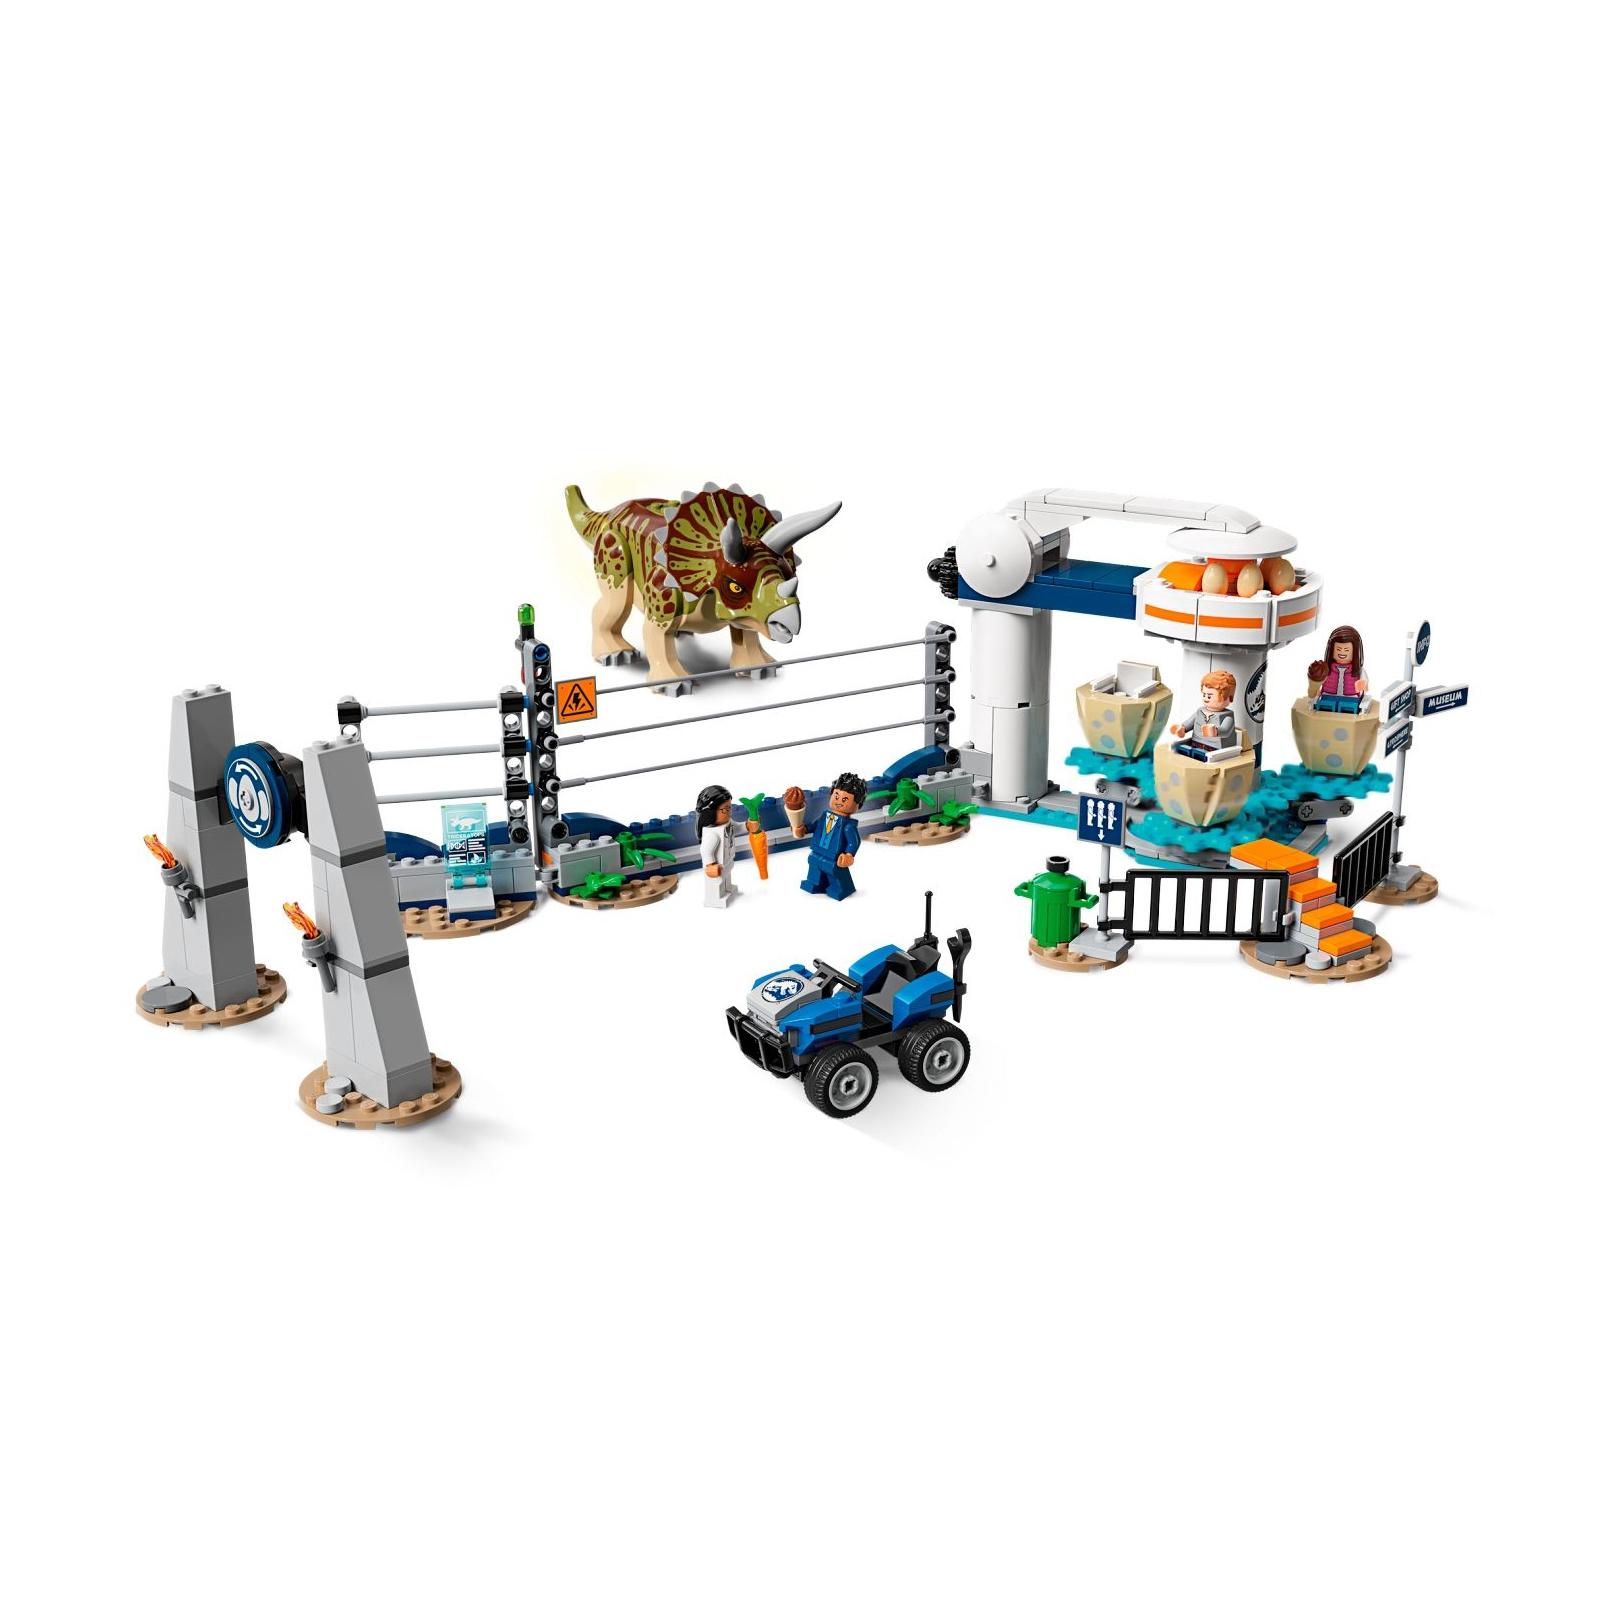 Конструктор LEGO LEGO Jurassic World Нападение трицератопса 447 деталей (75937) изображение 3